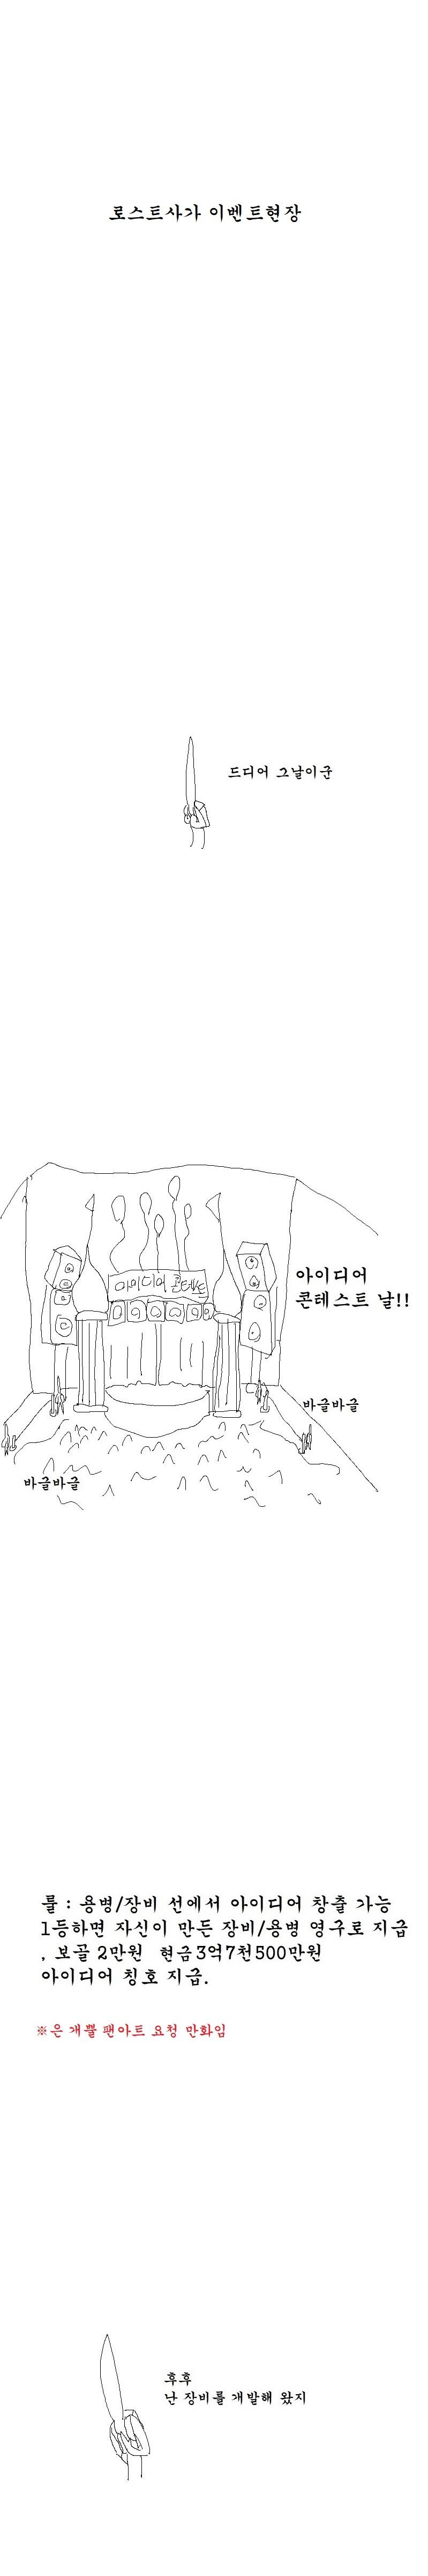 팬아트요청 만화